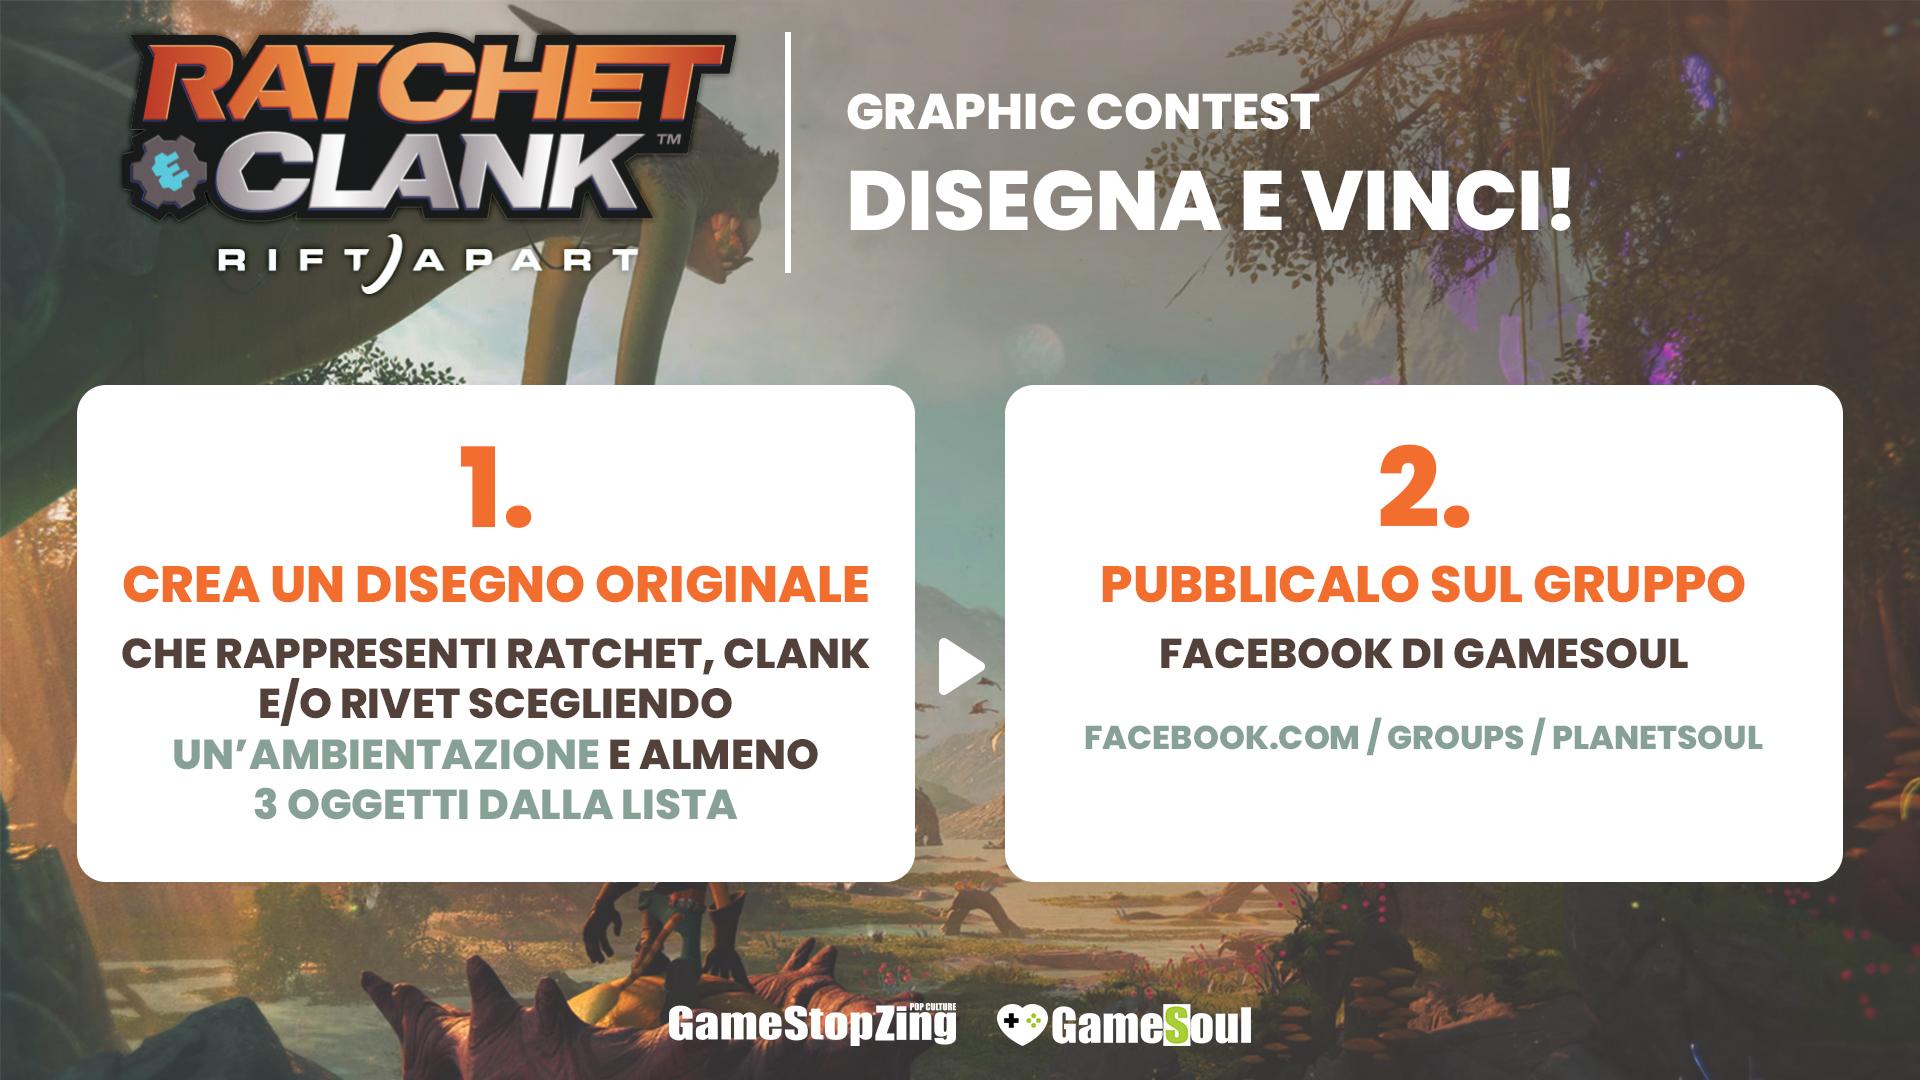 Ratchet & Clank: Rift Apart Graphic Contest, come partecipare